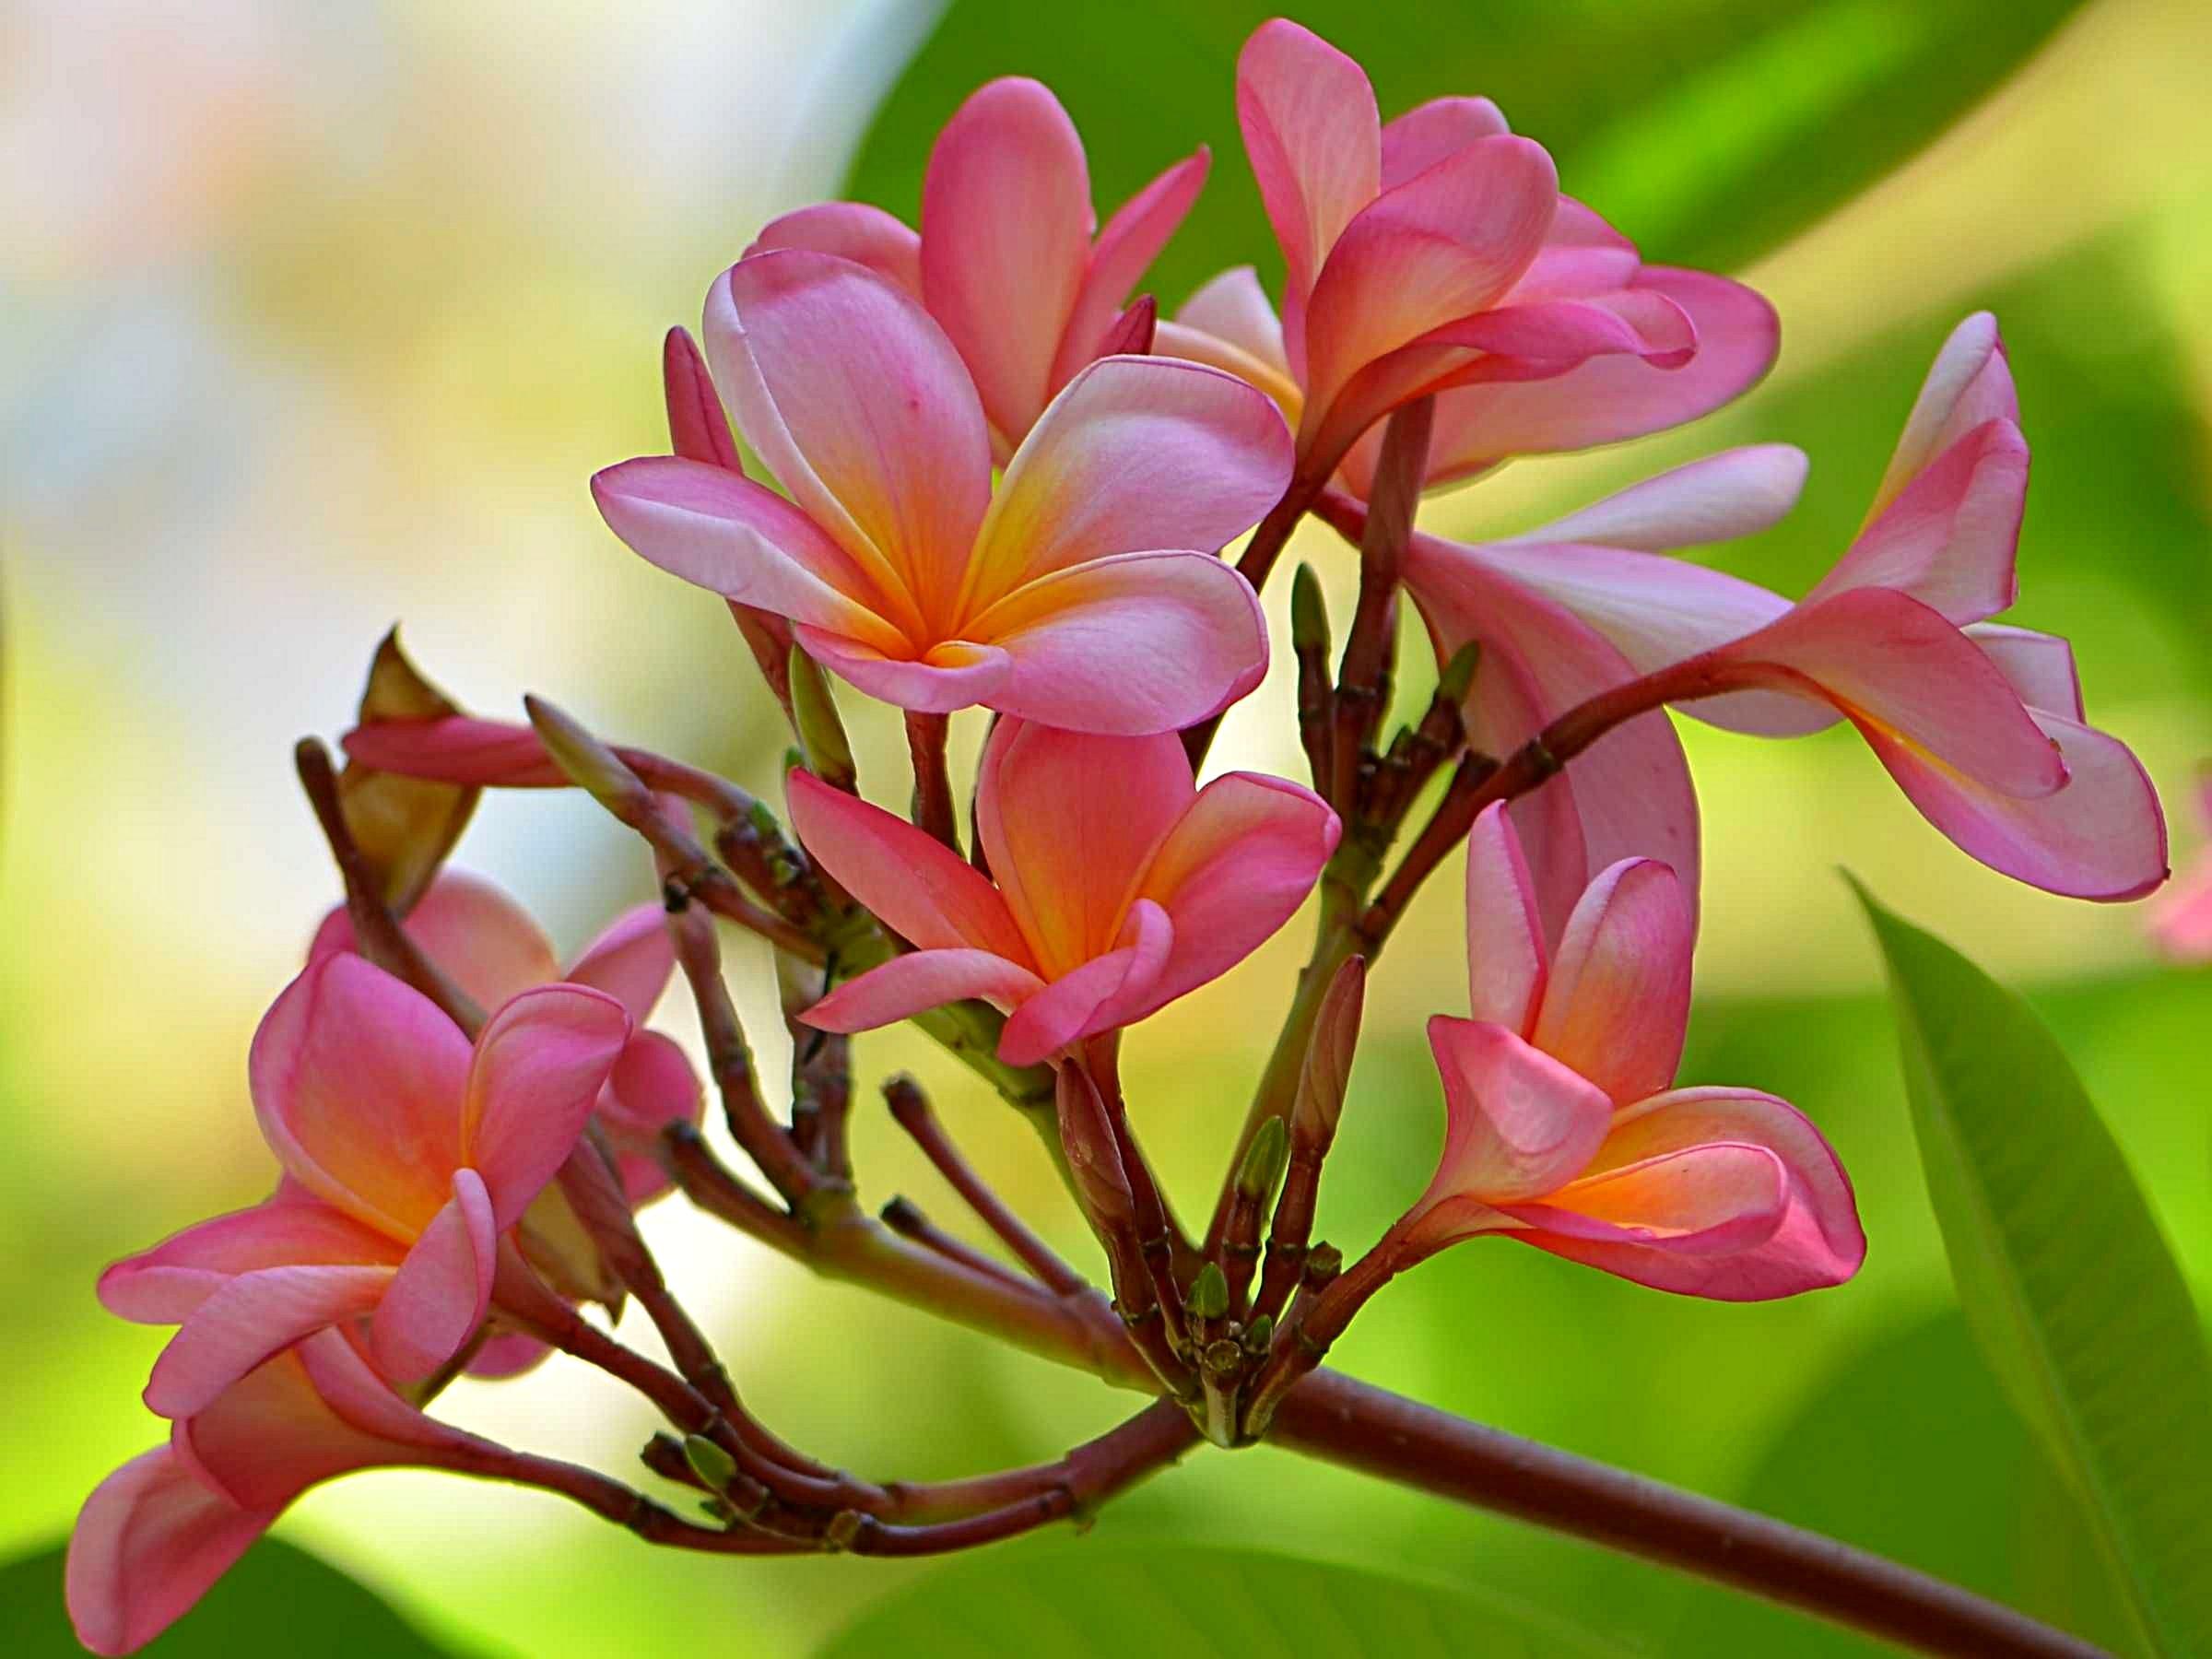 File:Bunga Kamboja (Plumeria sp).JPG - Wikimedia Commons